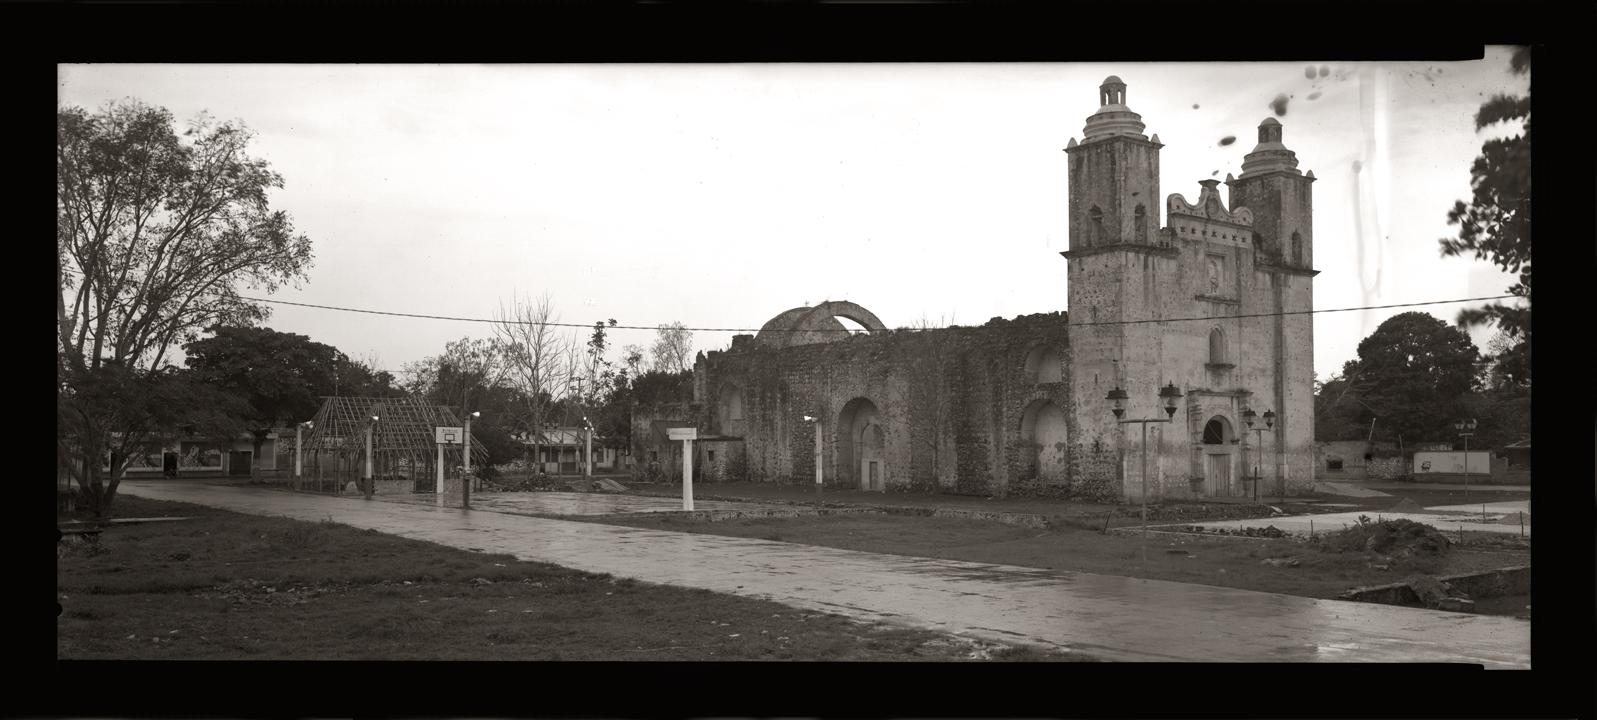 """Cykl """"Panoramiczny dziennik podróżny"""": """"Saban, Quintana Roo, Mexico, 2007"""", fot. Andrzej Jerzy Lech"""